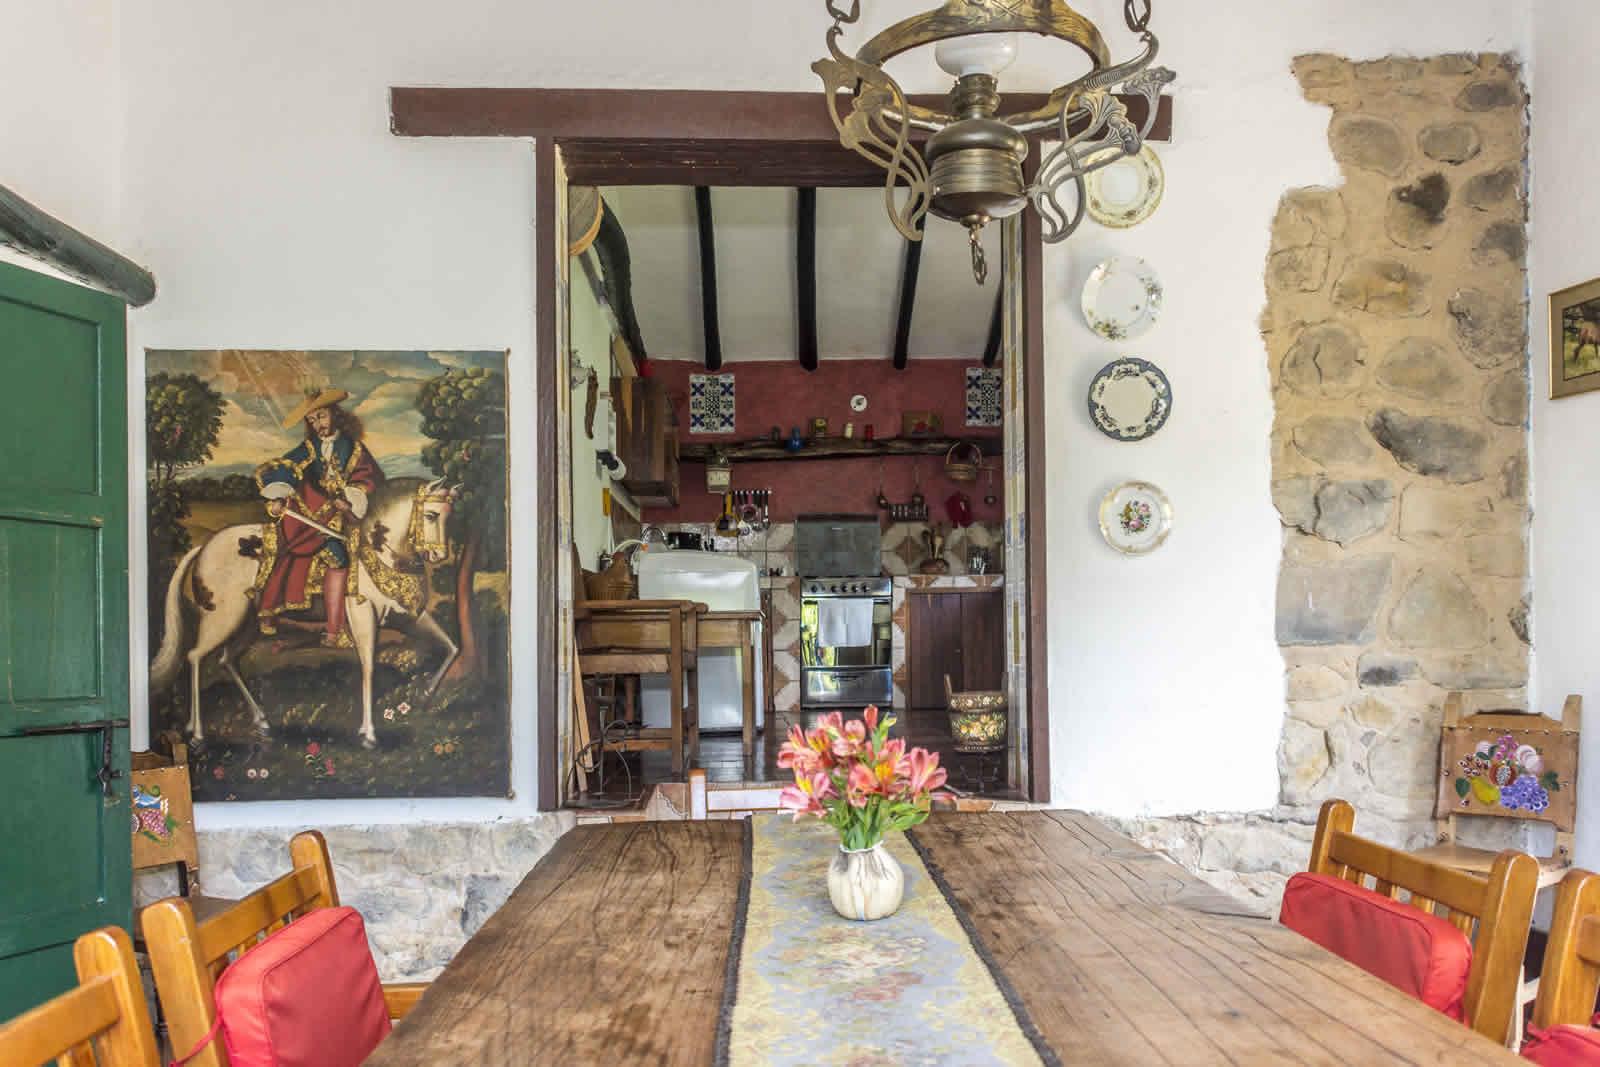 Alquiler casa Pozo Azul en Villa de Leyva - Comedor y cocina